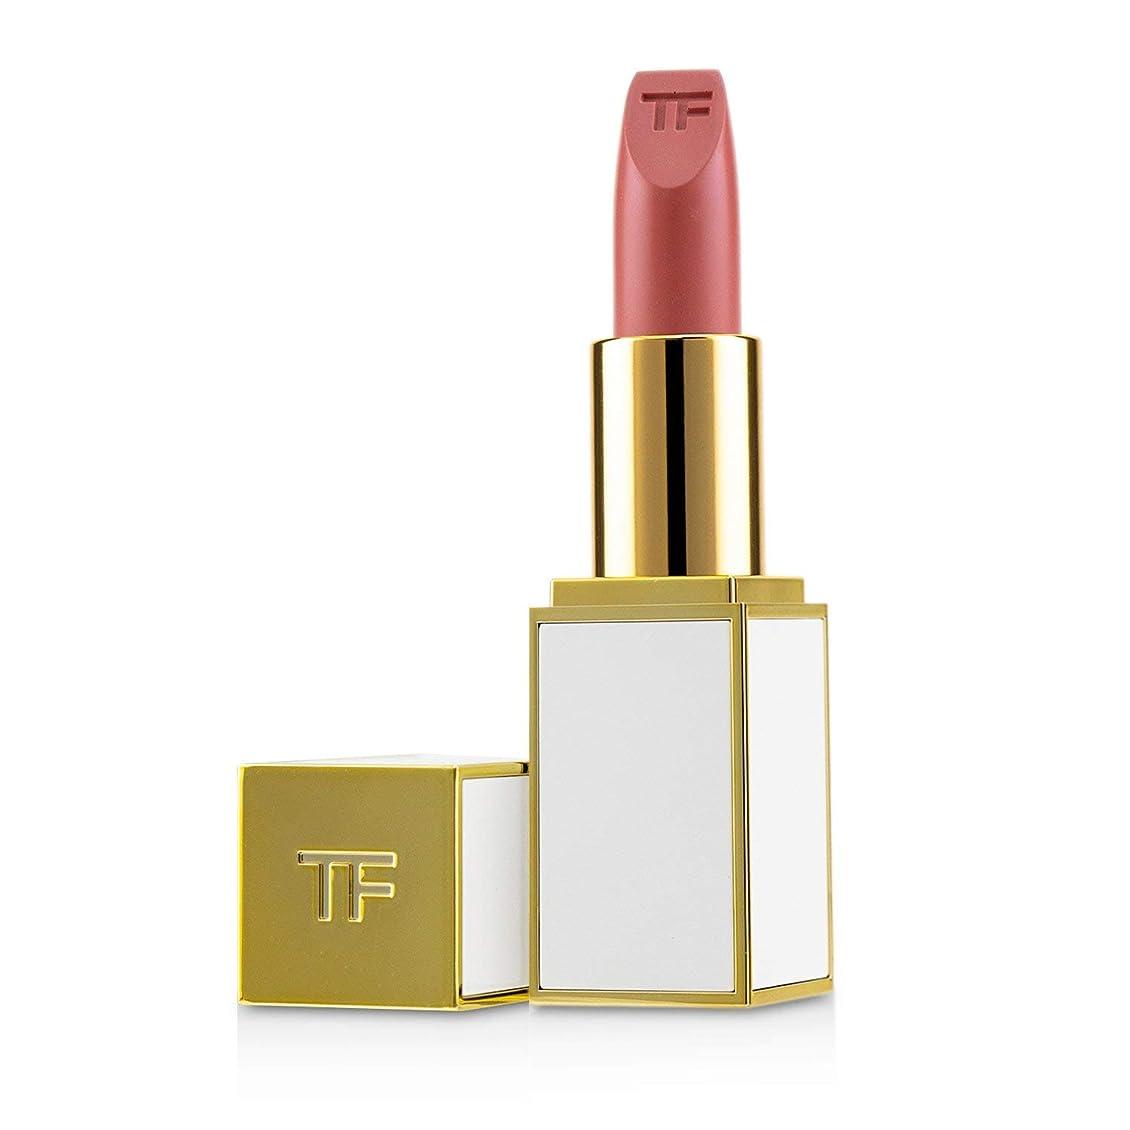 バー承認童謡トム フォード Lip Color Sheer - # 09 Nudiste 3g/0.1oz並行輸入品